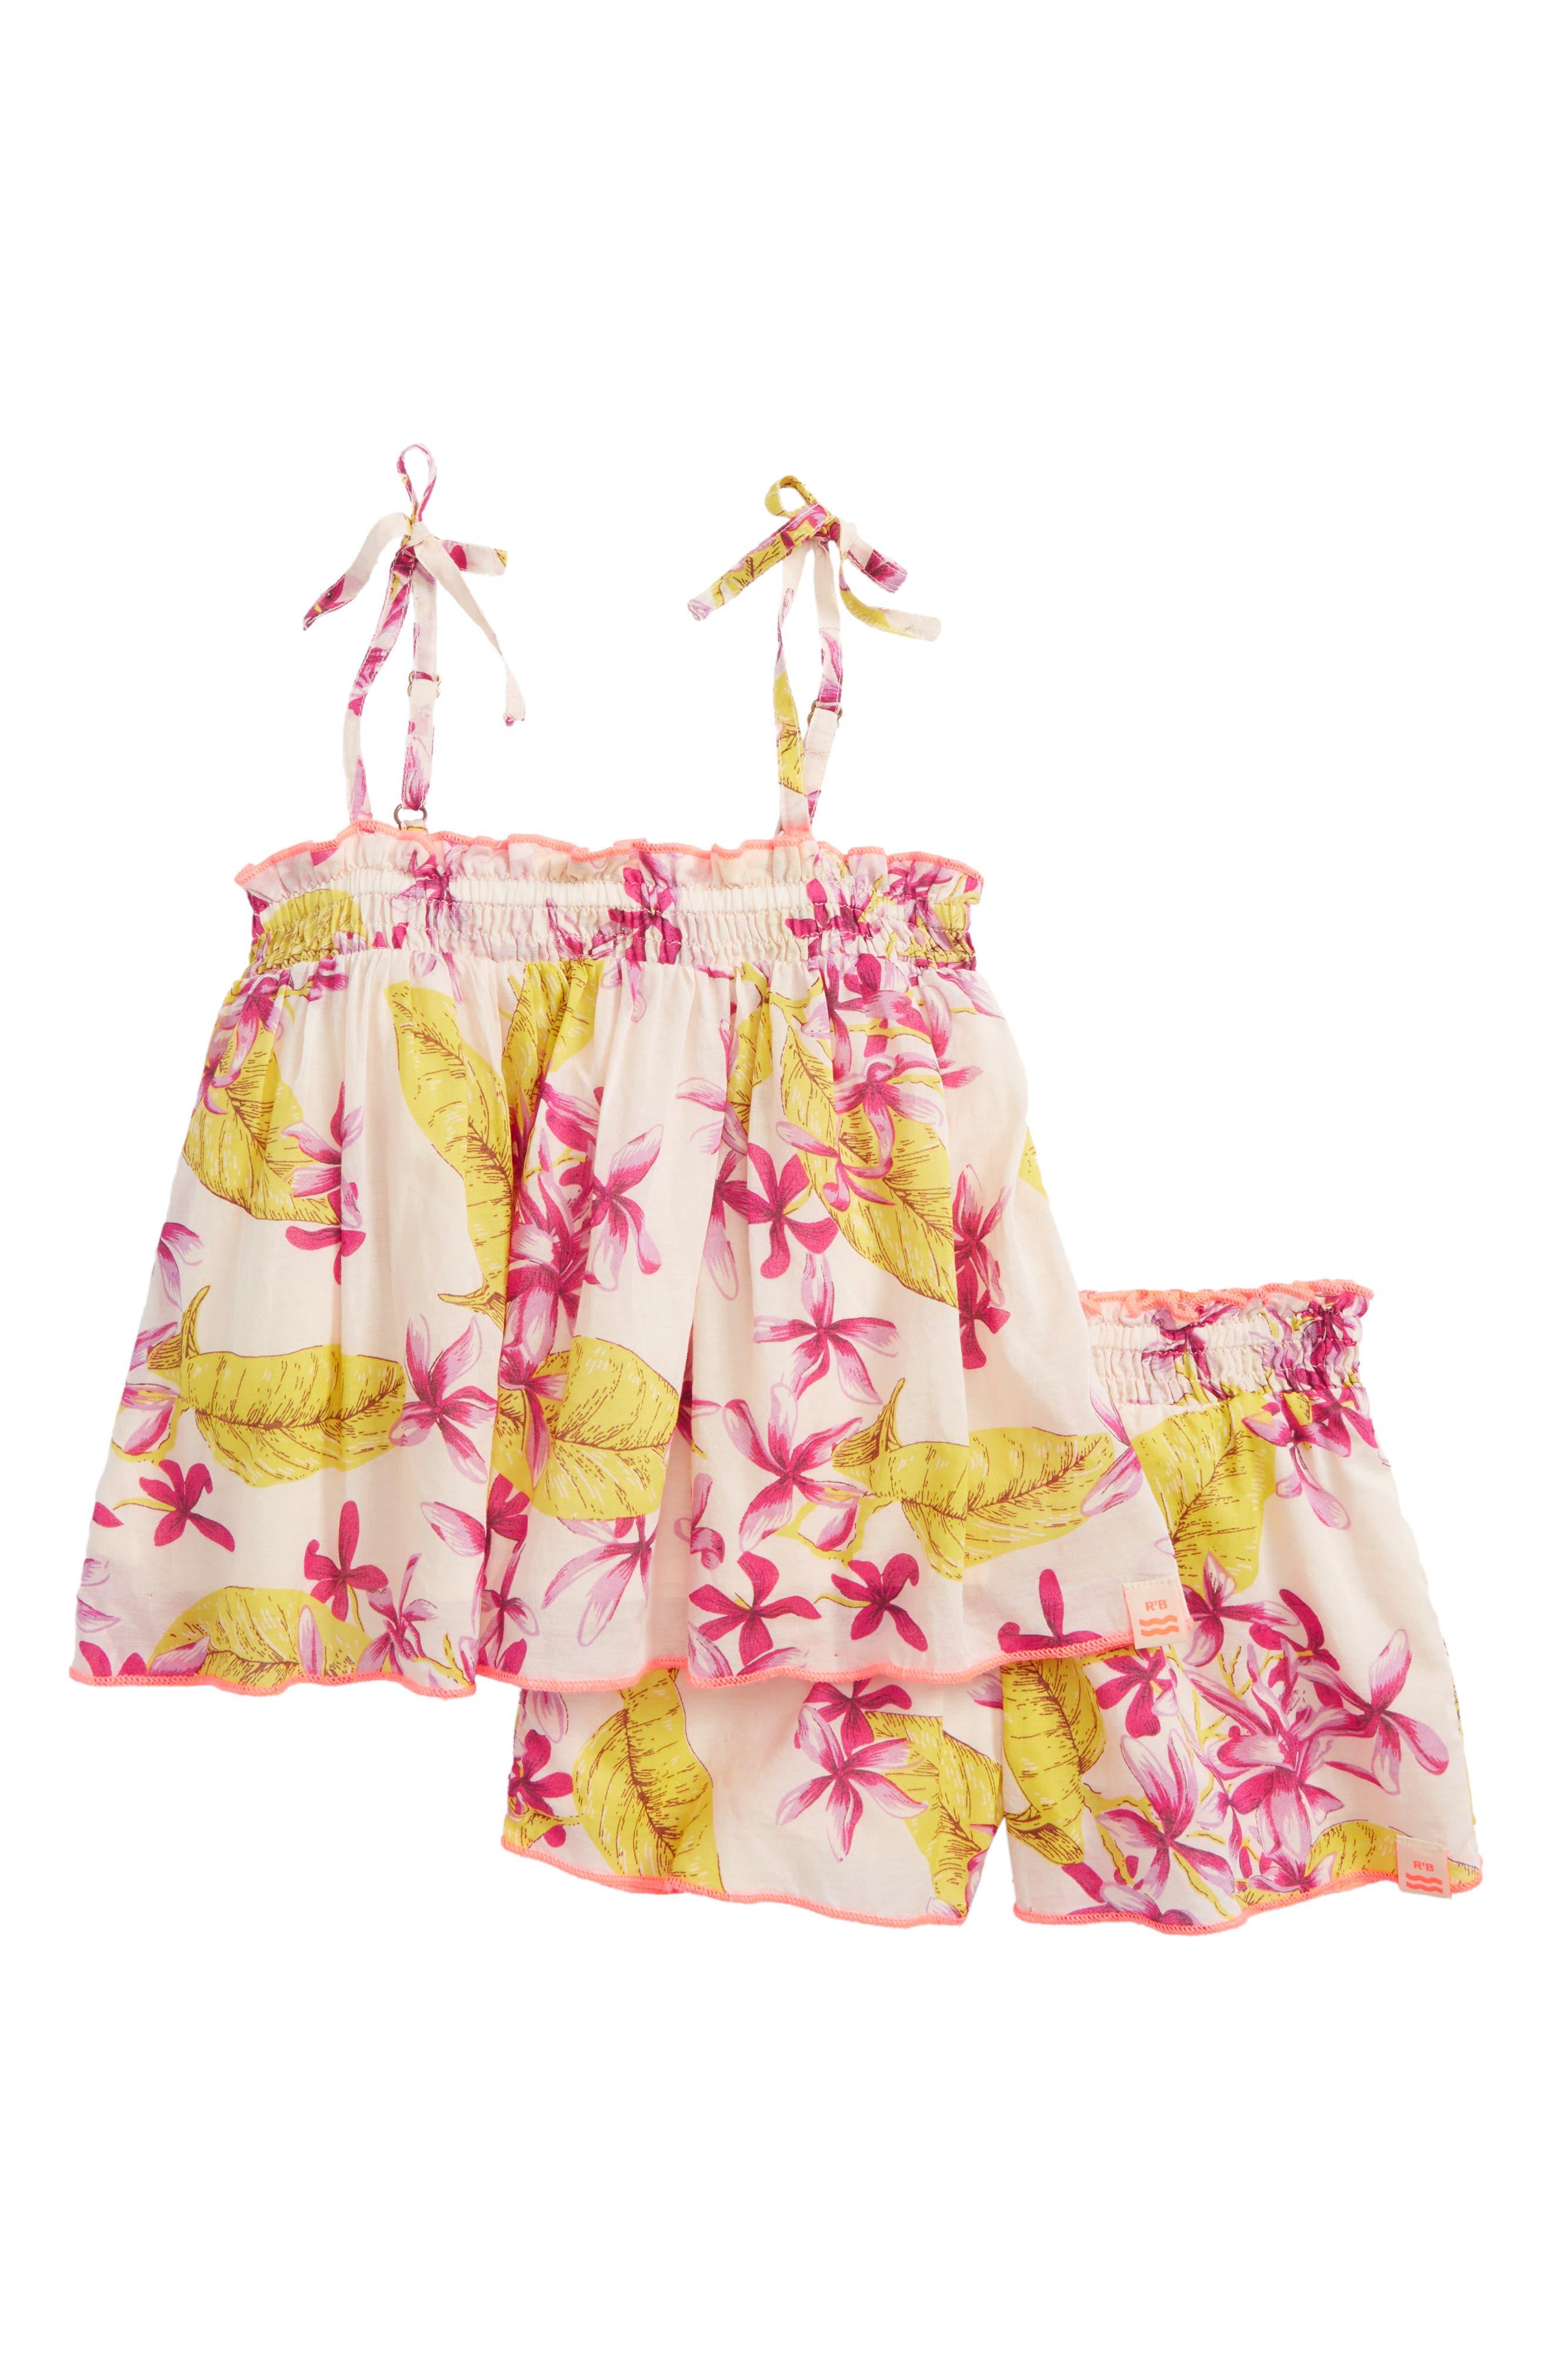 Scotch R'Belle Floral Trapeze Top & Shorts Set,                             Main thumbnail 1, color,                             Pink Print